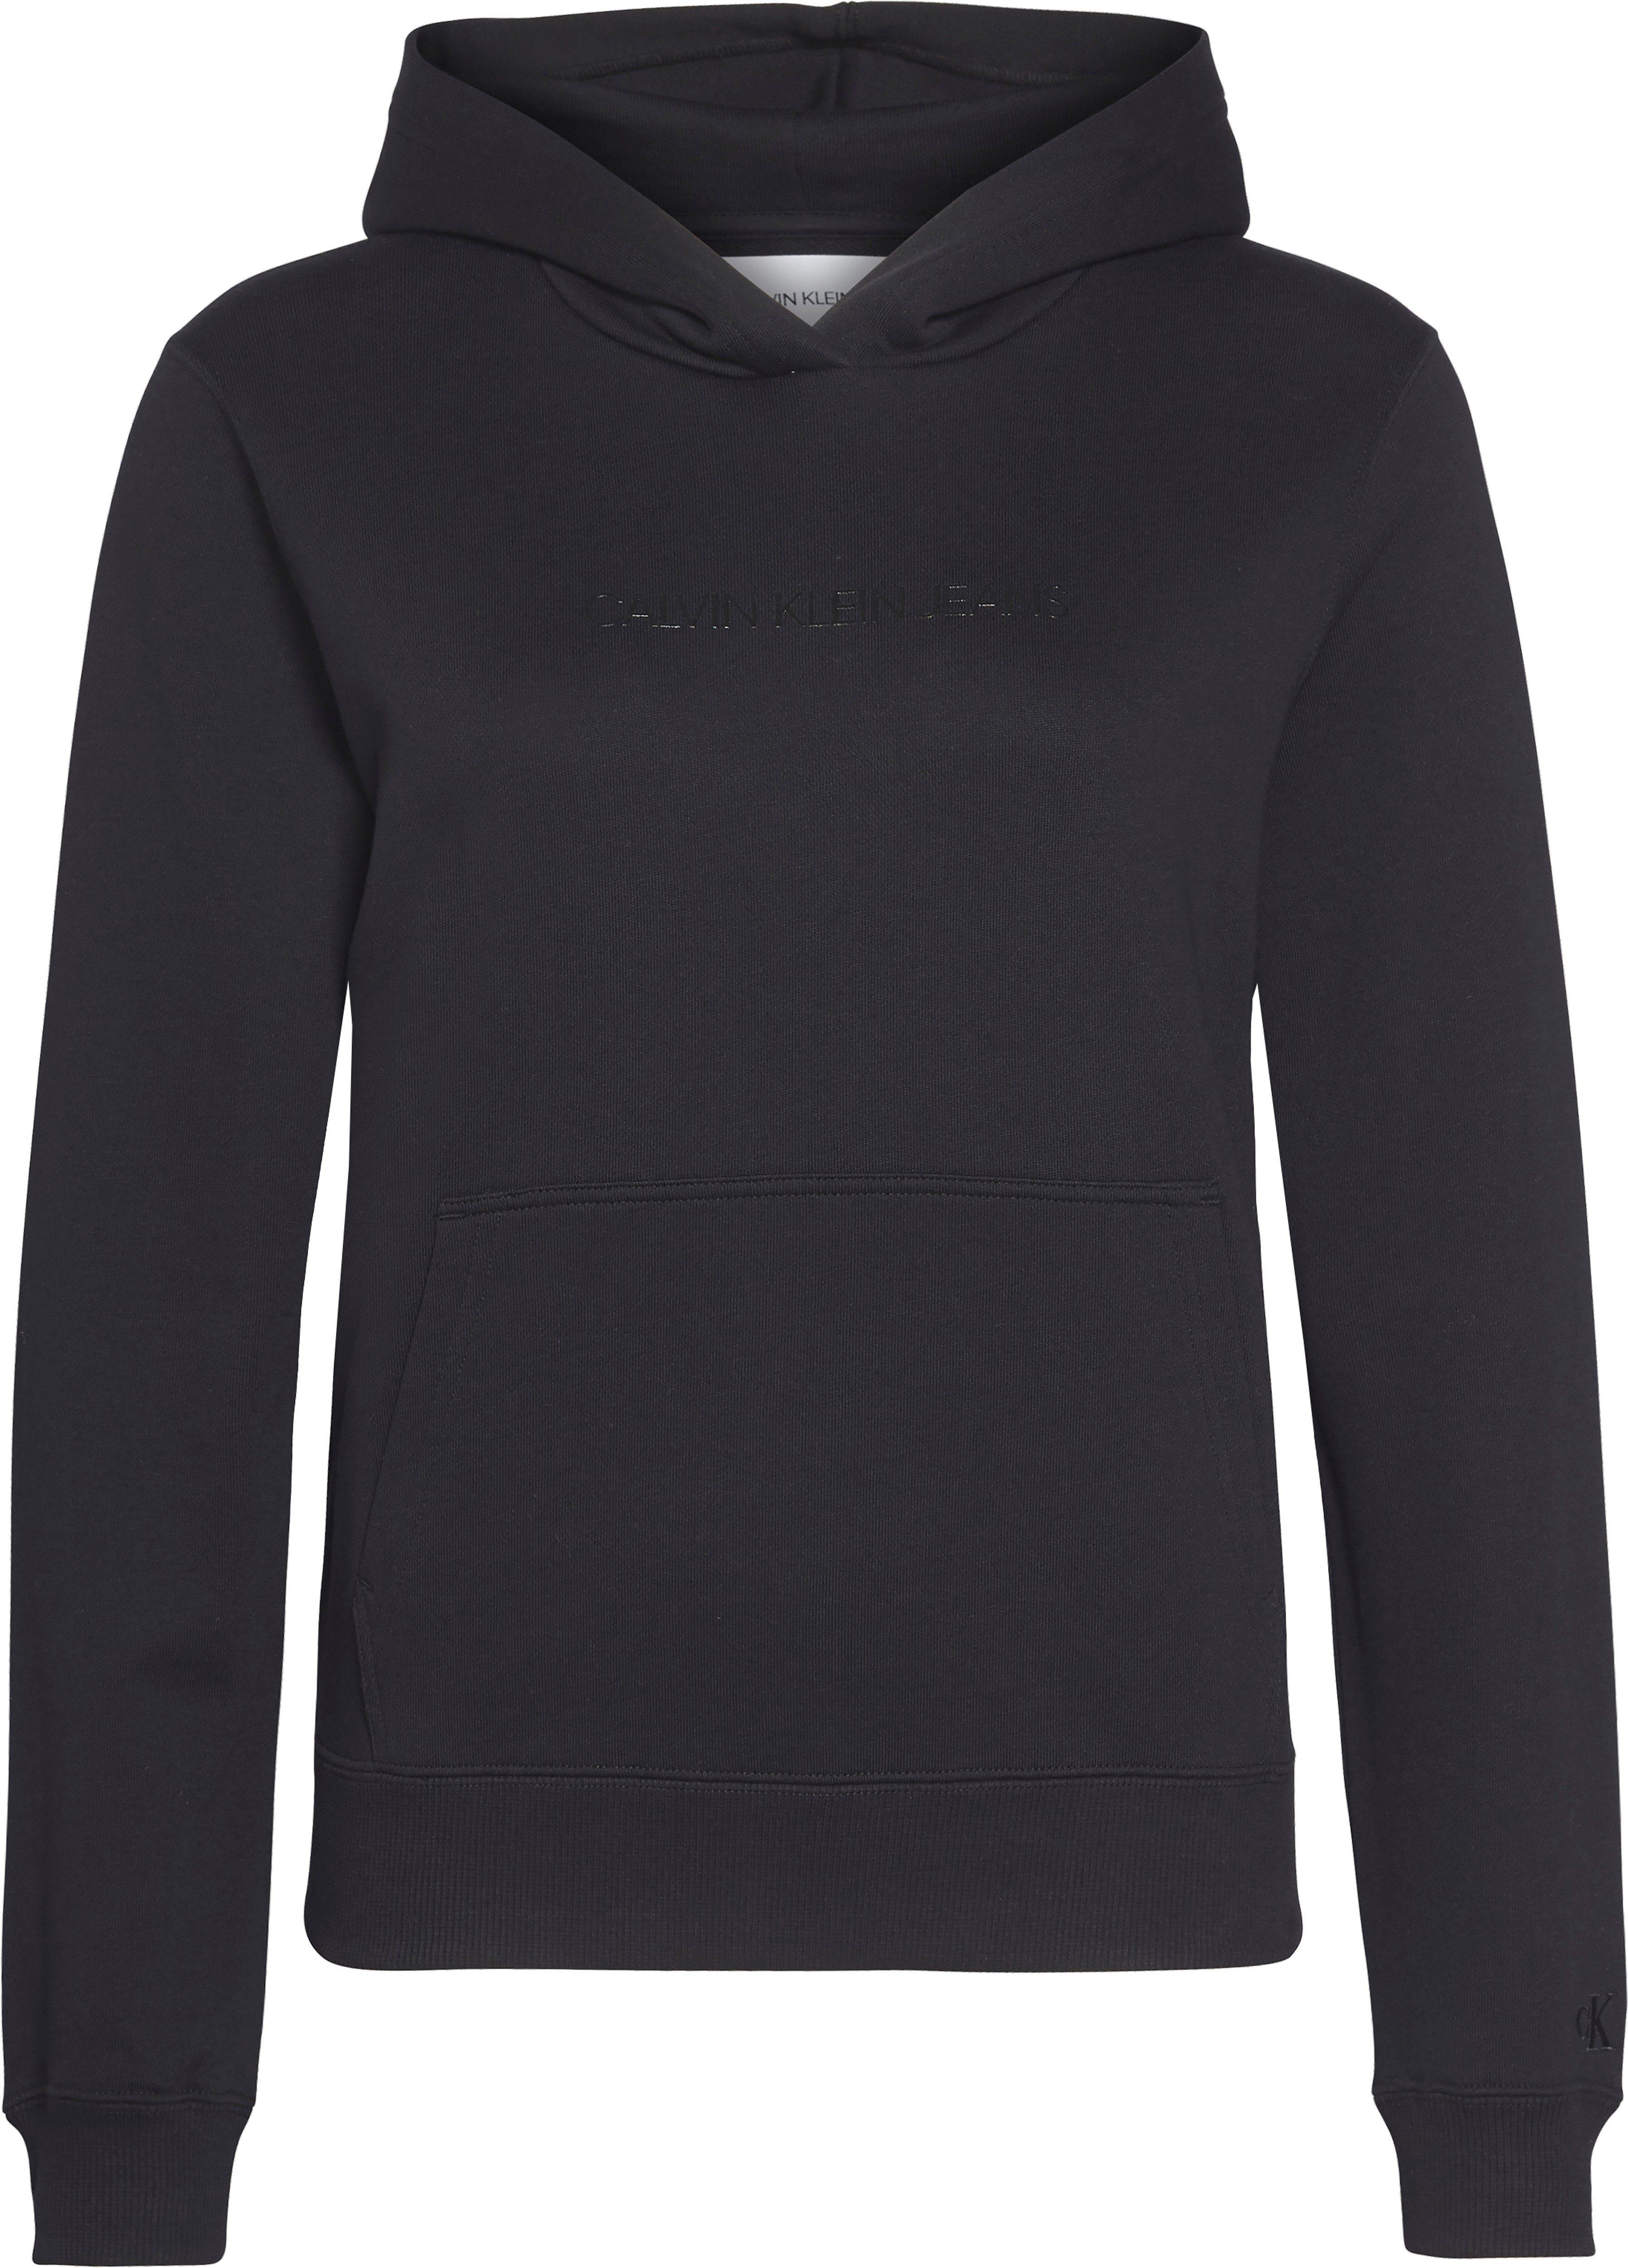 Calvin Klein Jeans Kapuzensweatshirt »SHRUNKEN INSTITUTIONAL HOODIE« mit Calvin Klein Jeans Schriftzug Ton in Ton online kaufen | OTTO